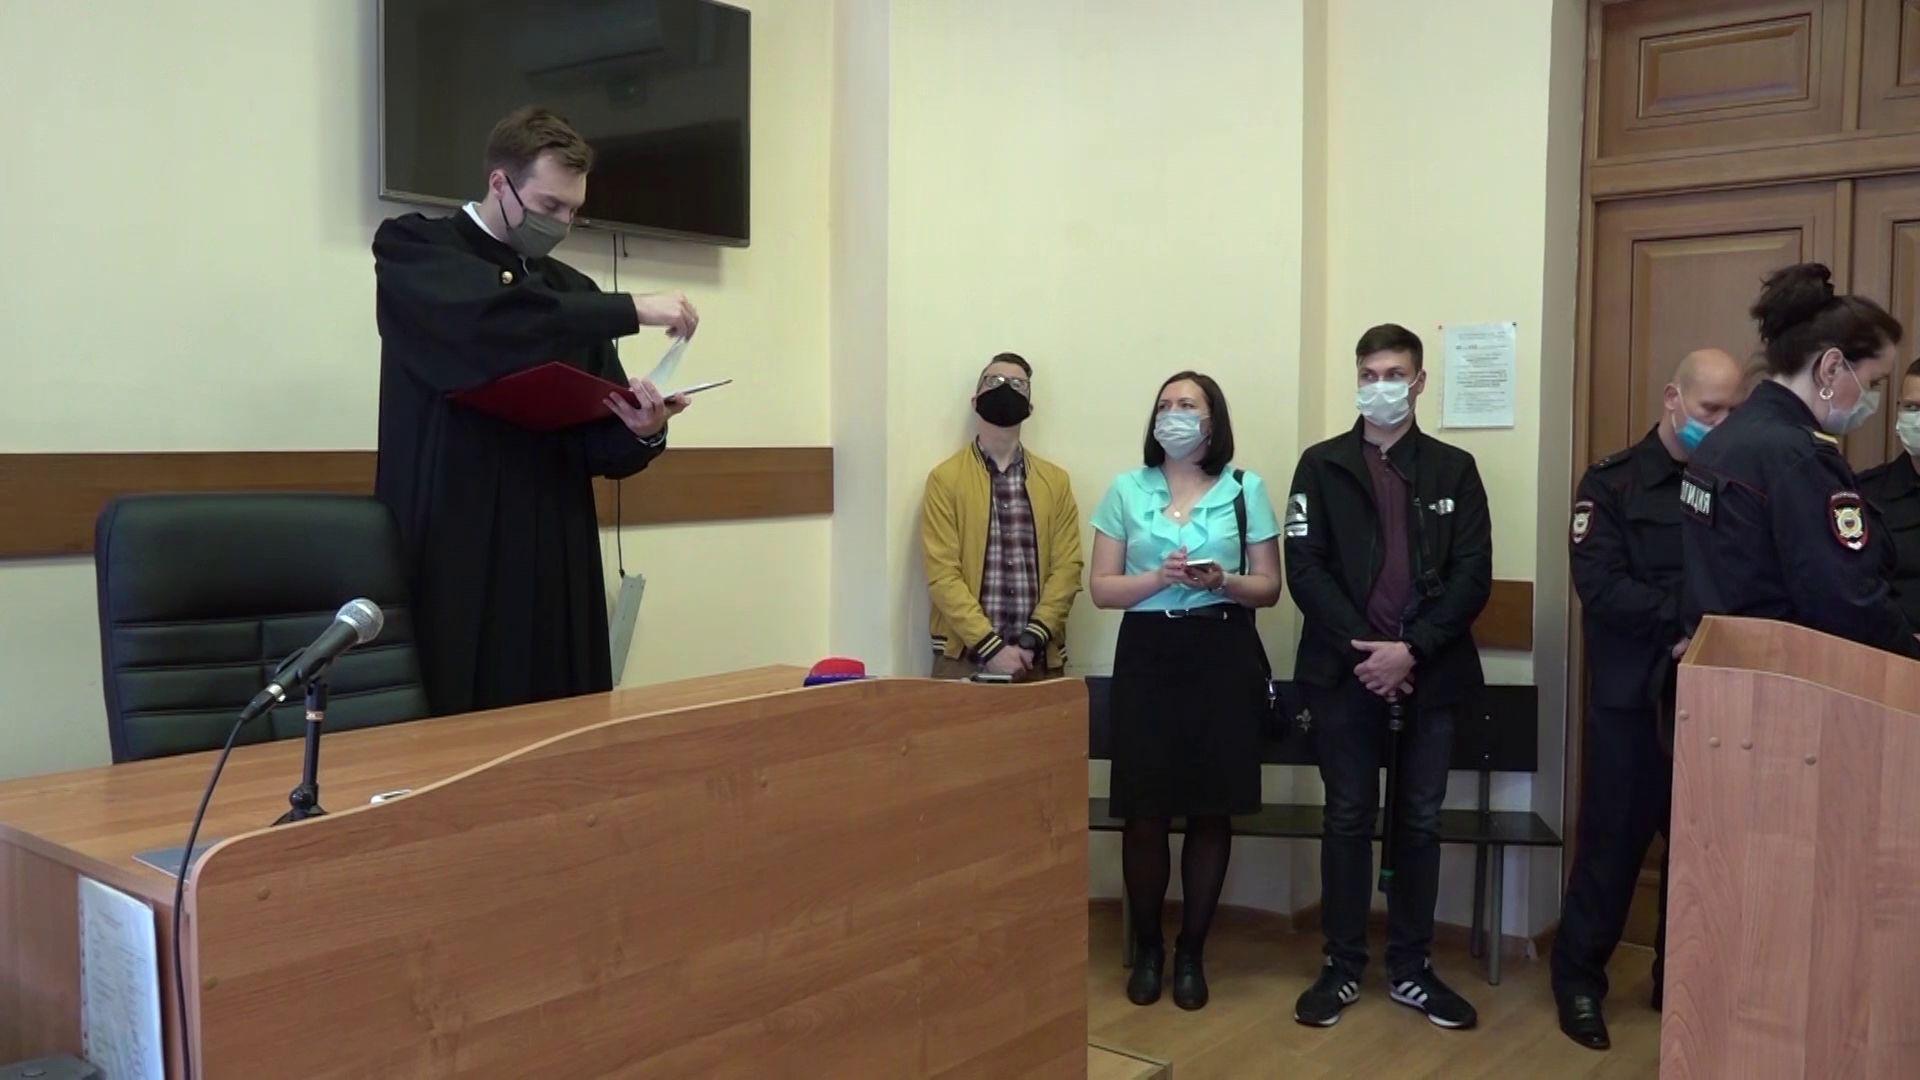 Кировский суд Ярославля разбирается в обстоятельствах уголовного дела руководителя строительной организации